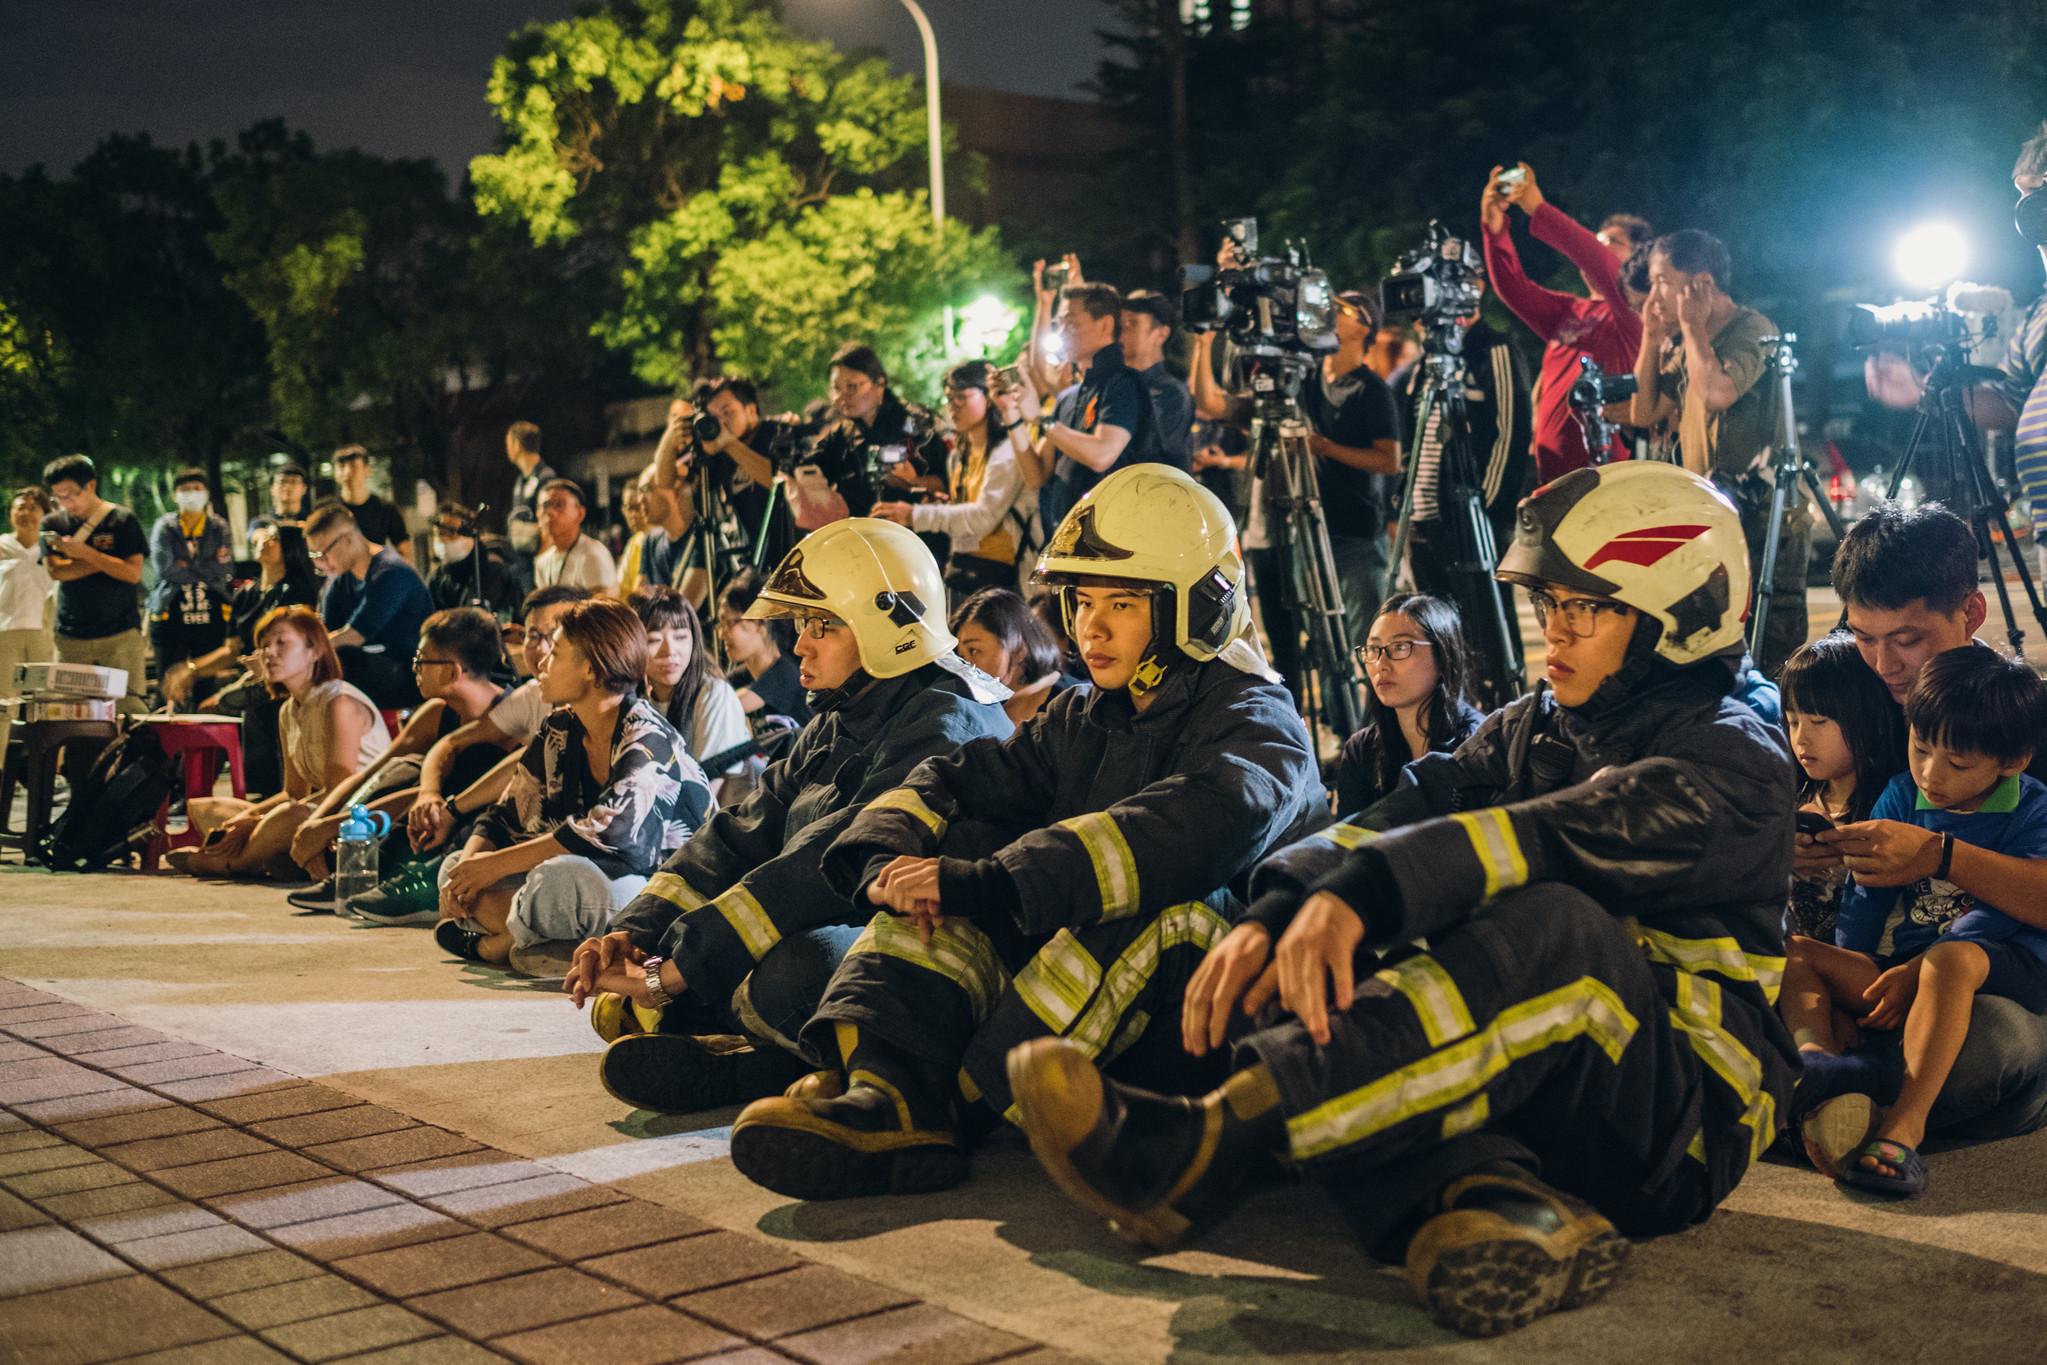 消權會日前舉辦殉職消防員追思晚會,徹夜靜坐要求修法保障消防員生命三權。(資料照片/攝影:唐佐欣)